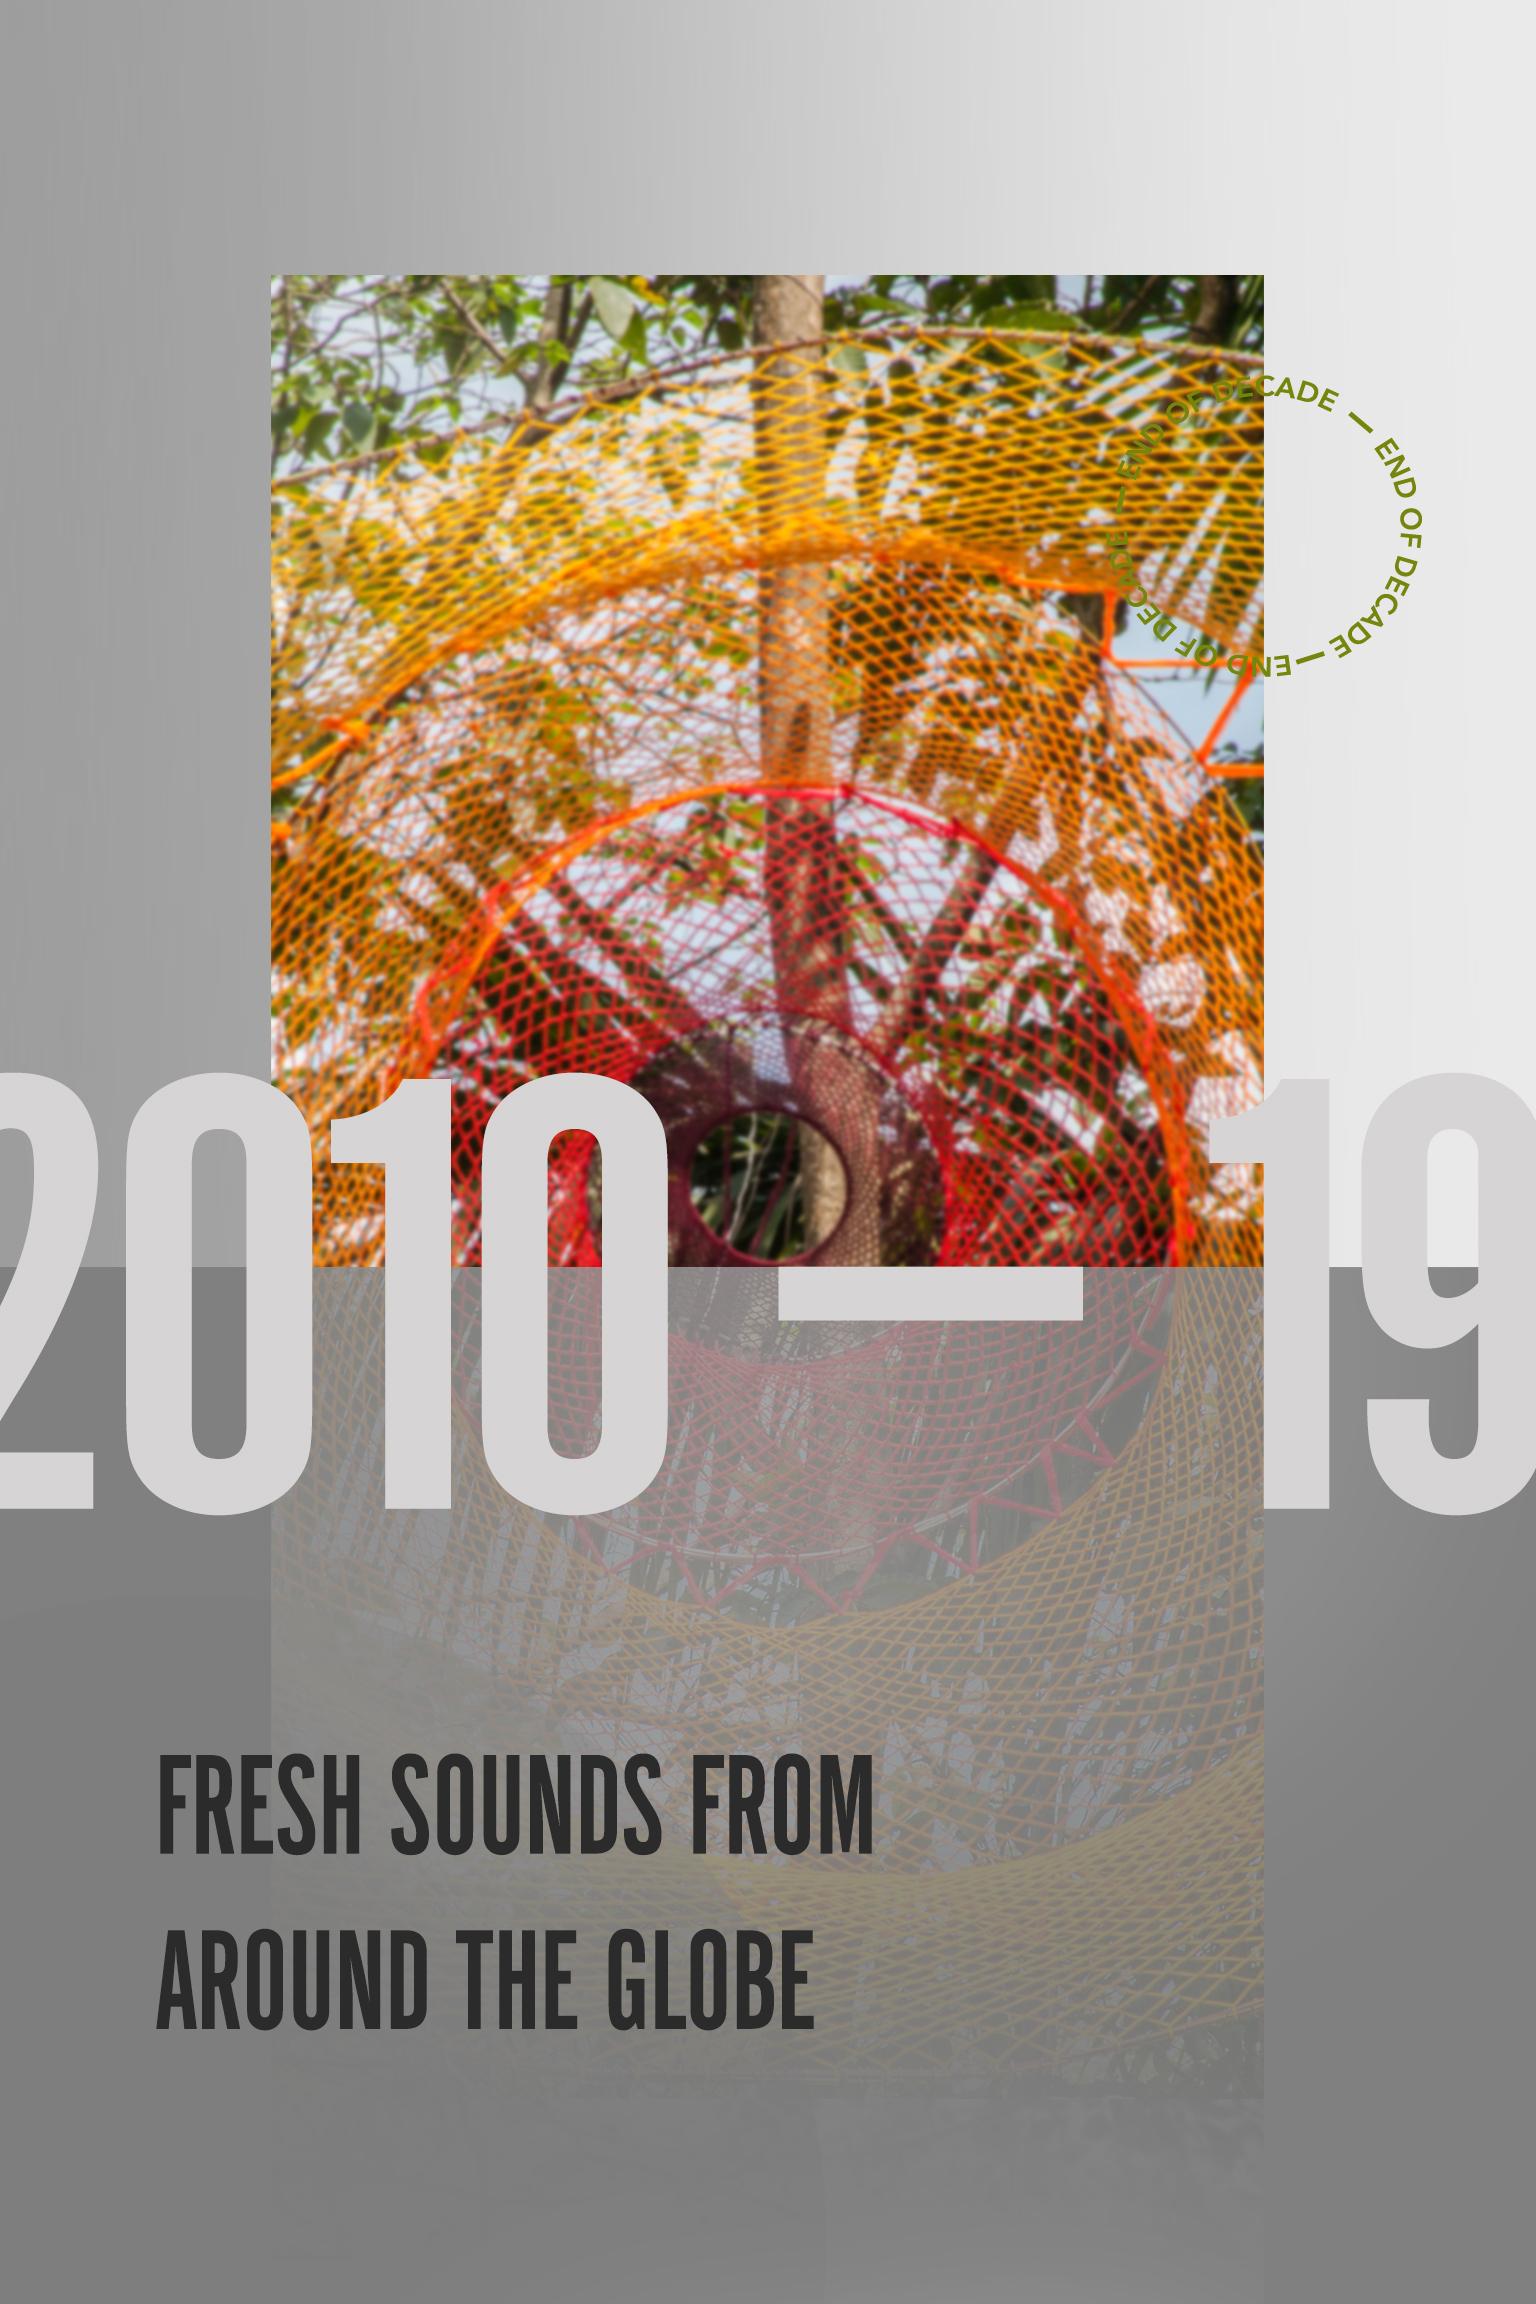 2010-19: 世界各地から登場したフレッシュなサウンド